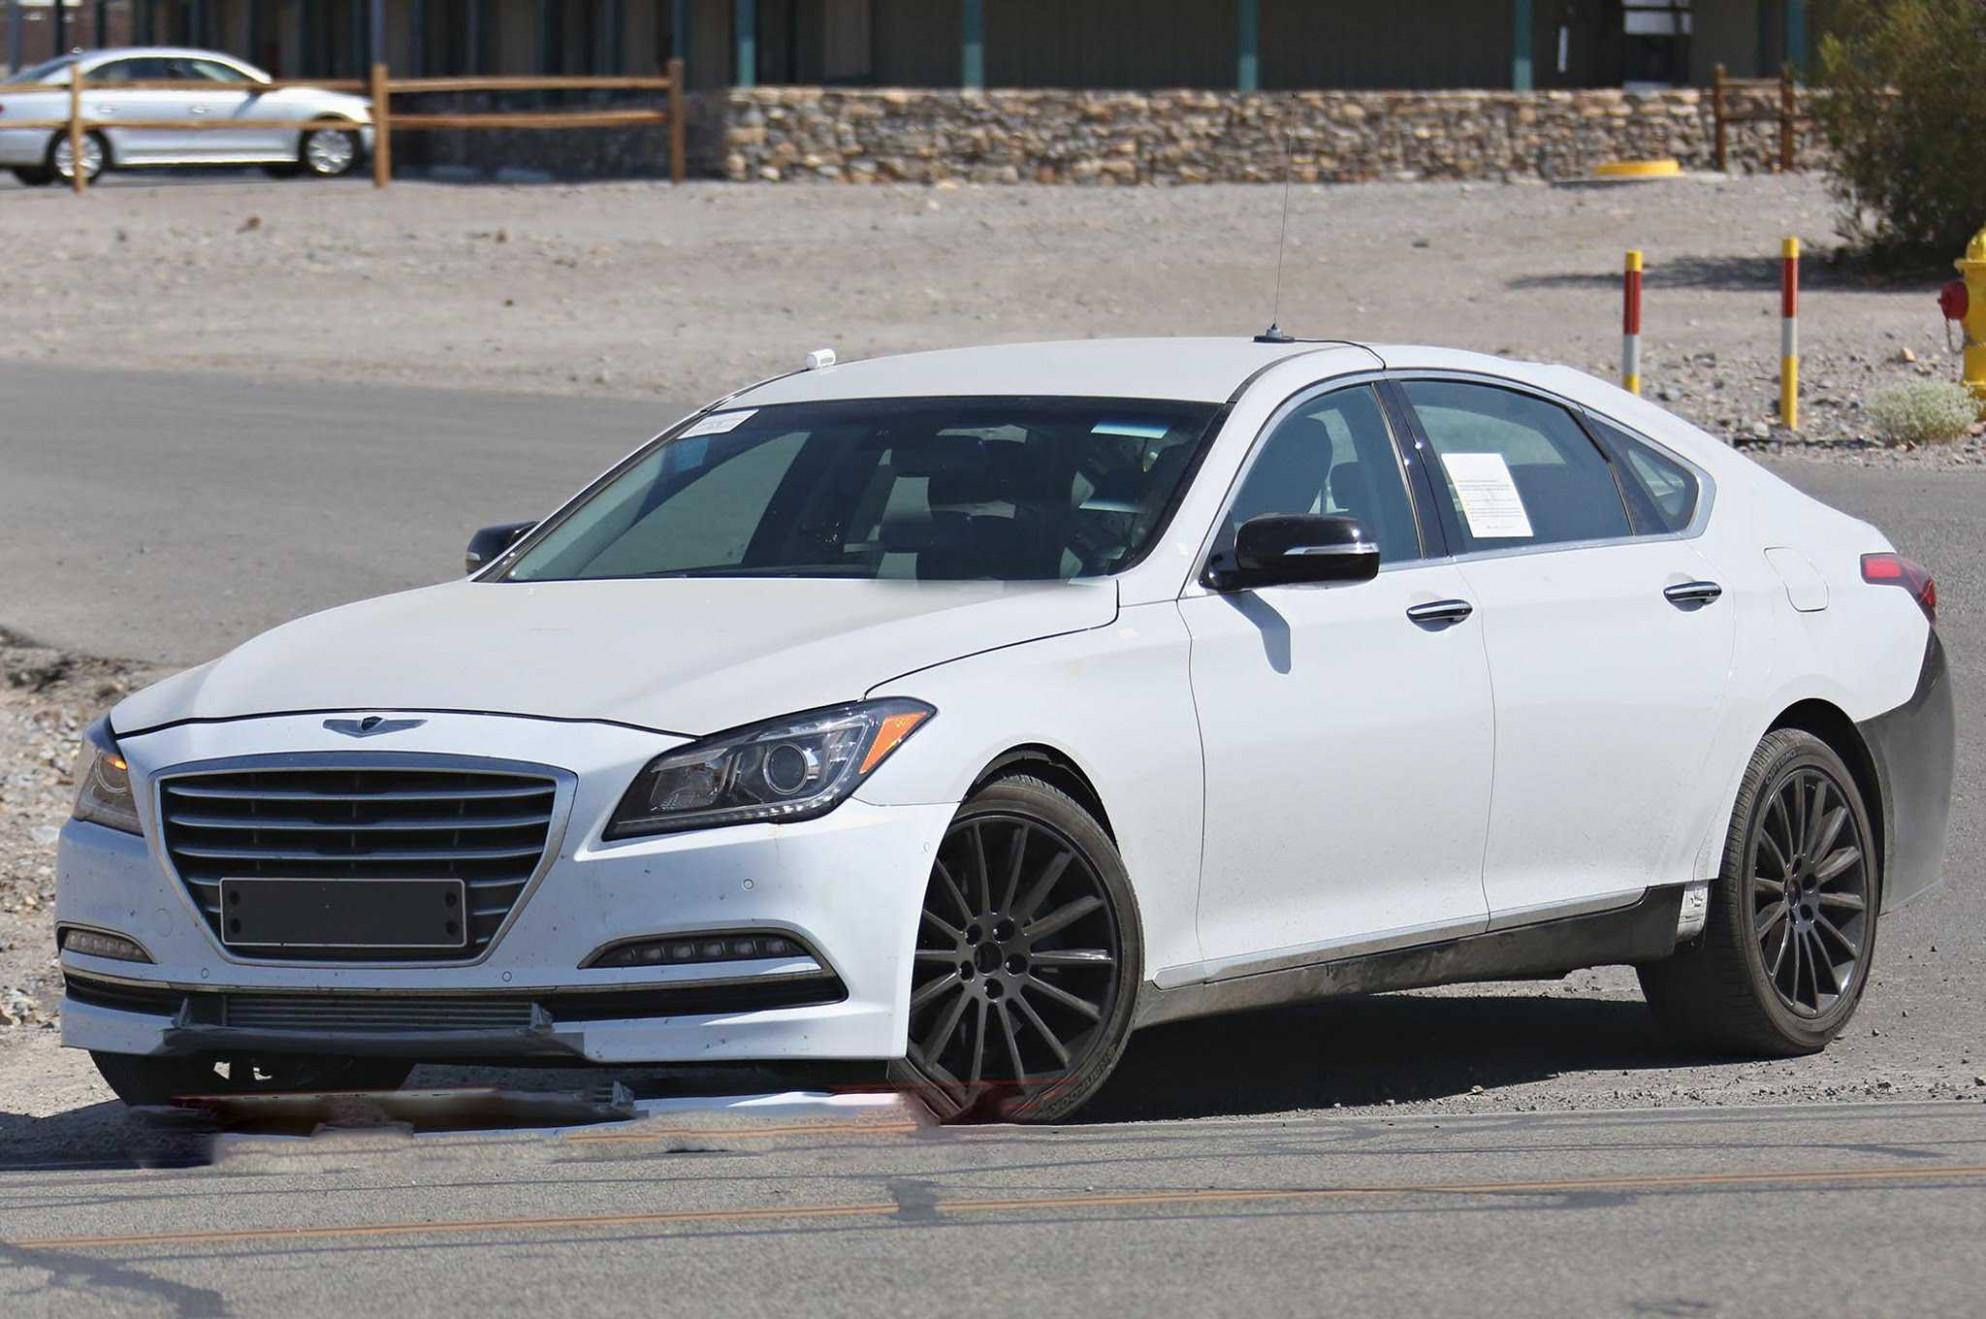 Redesign and Concept 2022 Hyundai Equus